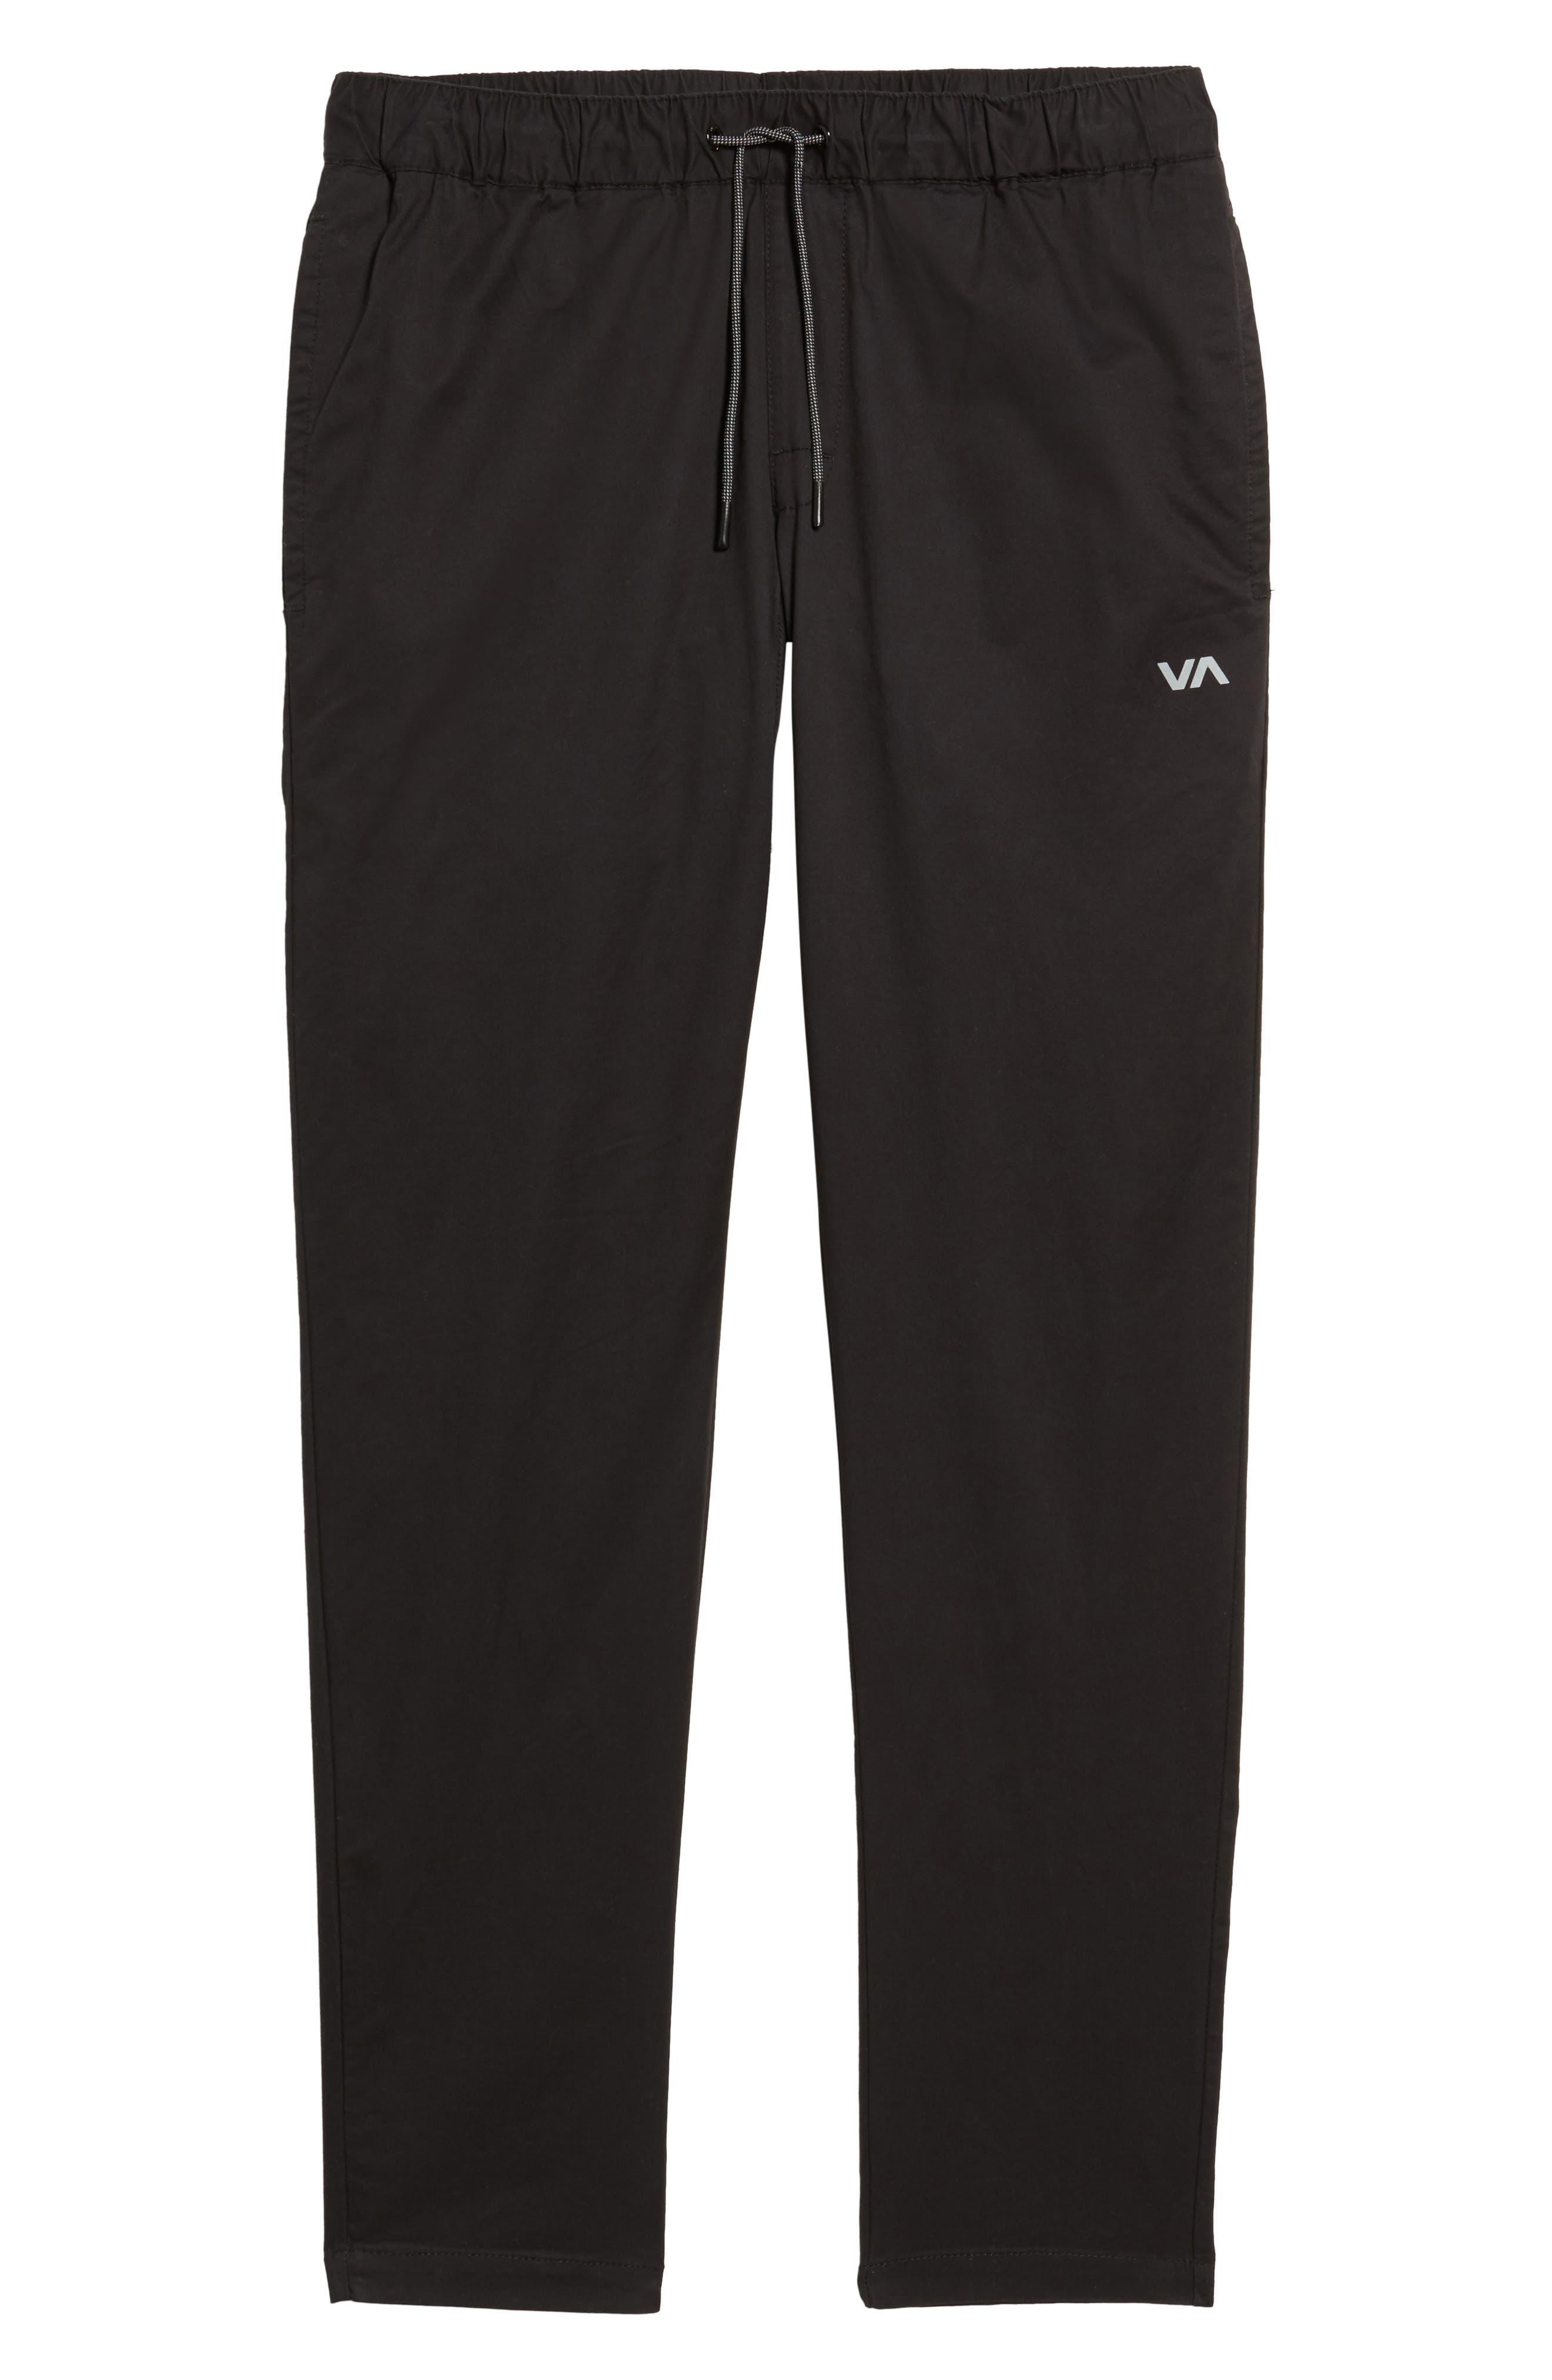 Spectrum Sport Pants,                             Alternate thumbnail 6, color,                             Black